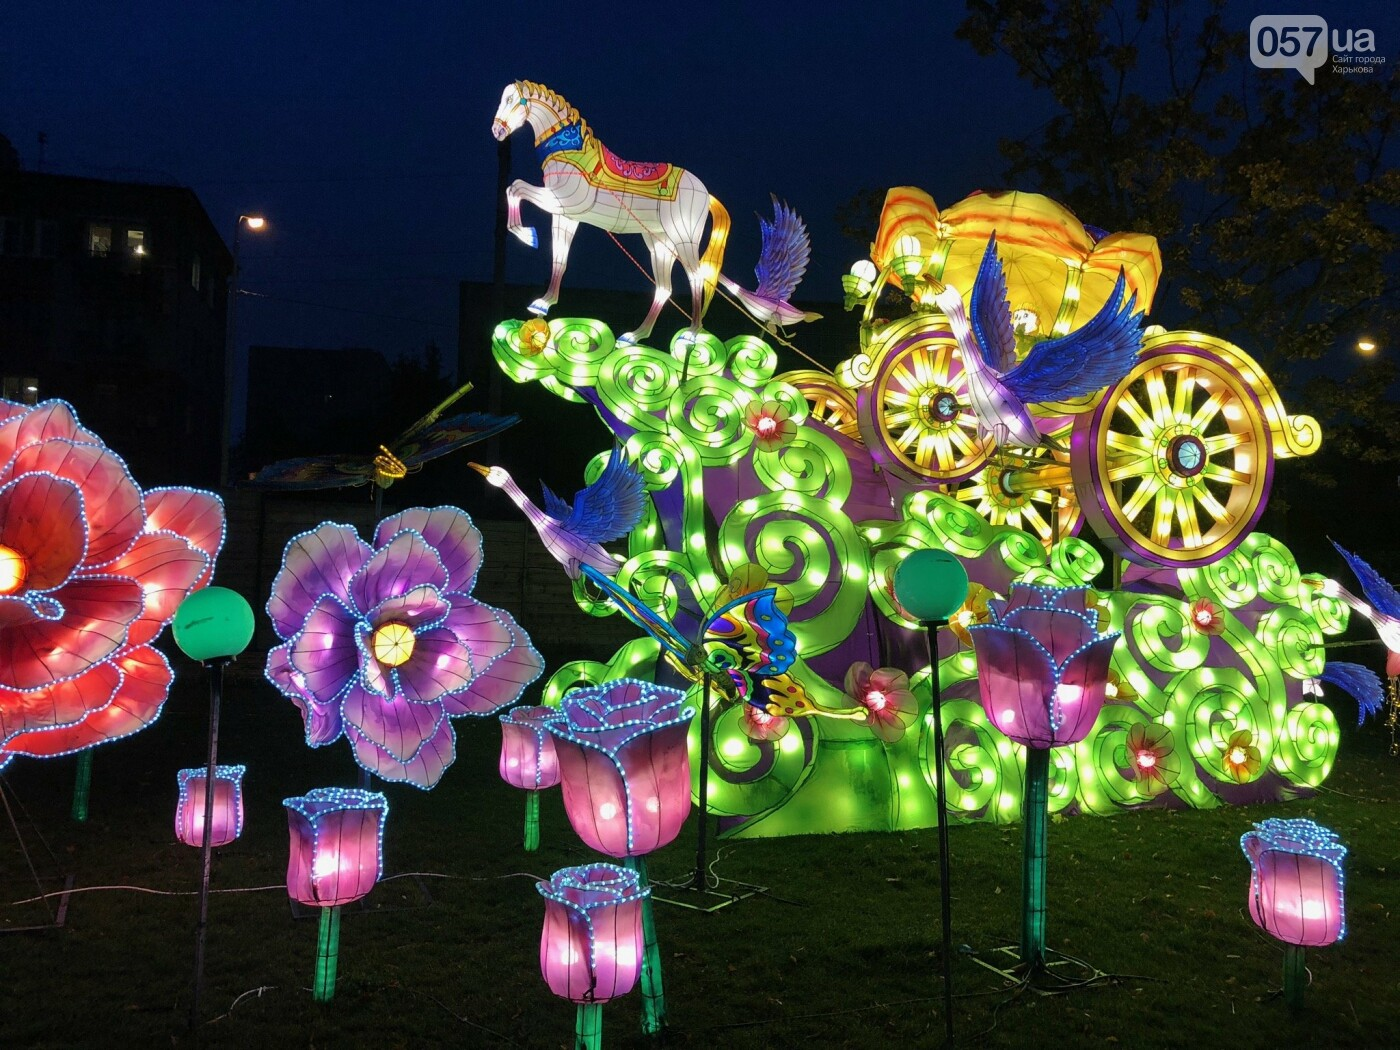 Харьков зажигает огни: что ждет посетителей Фестиваля гигантских китайских фонарей, фото-4